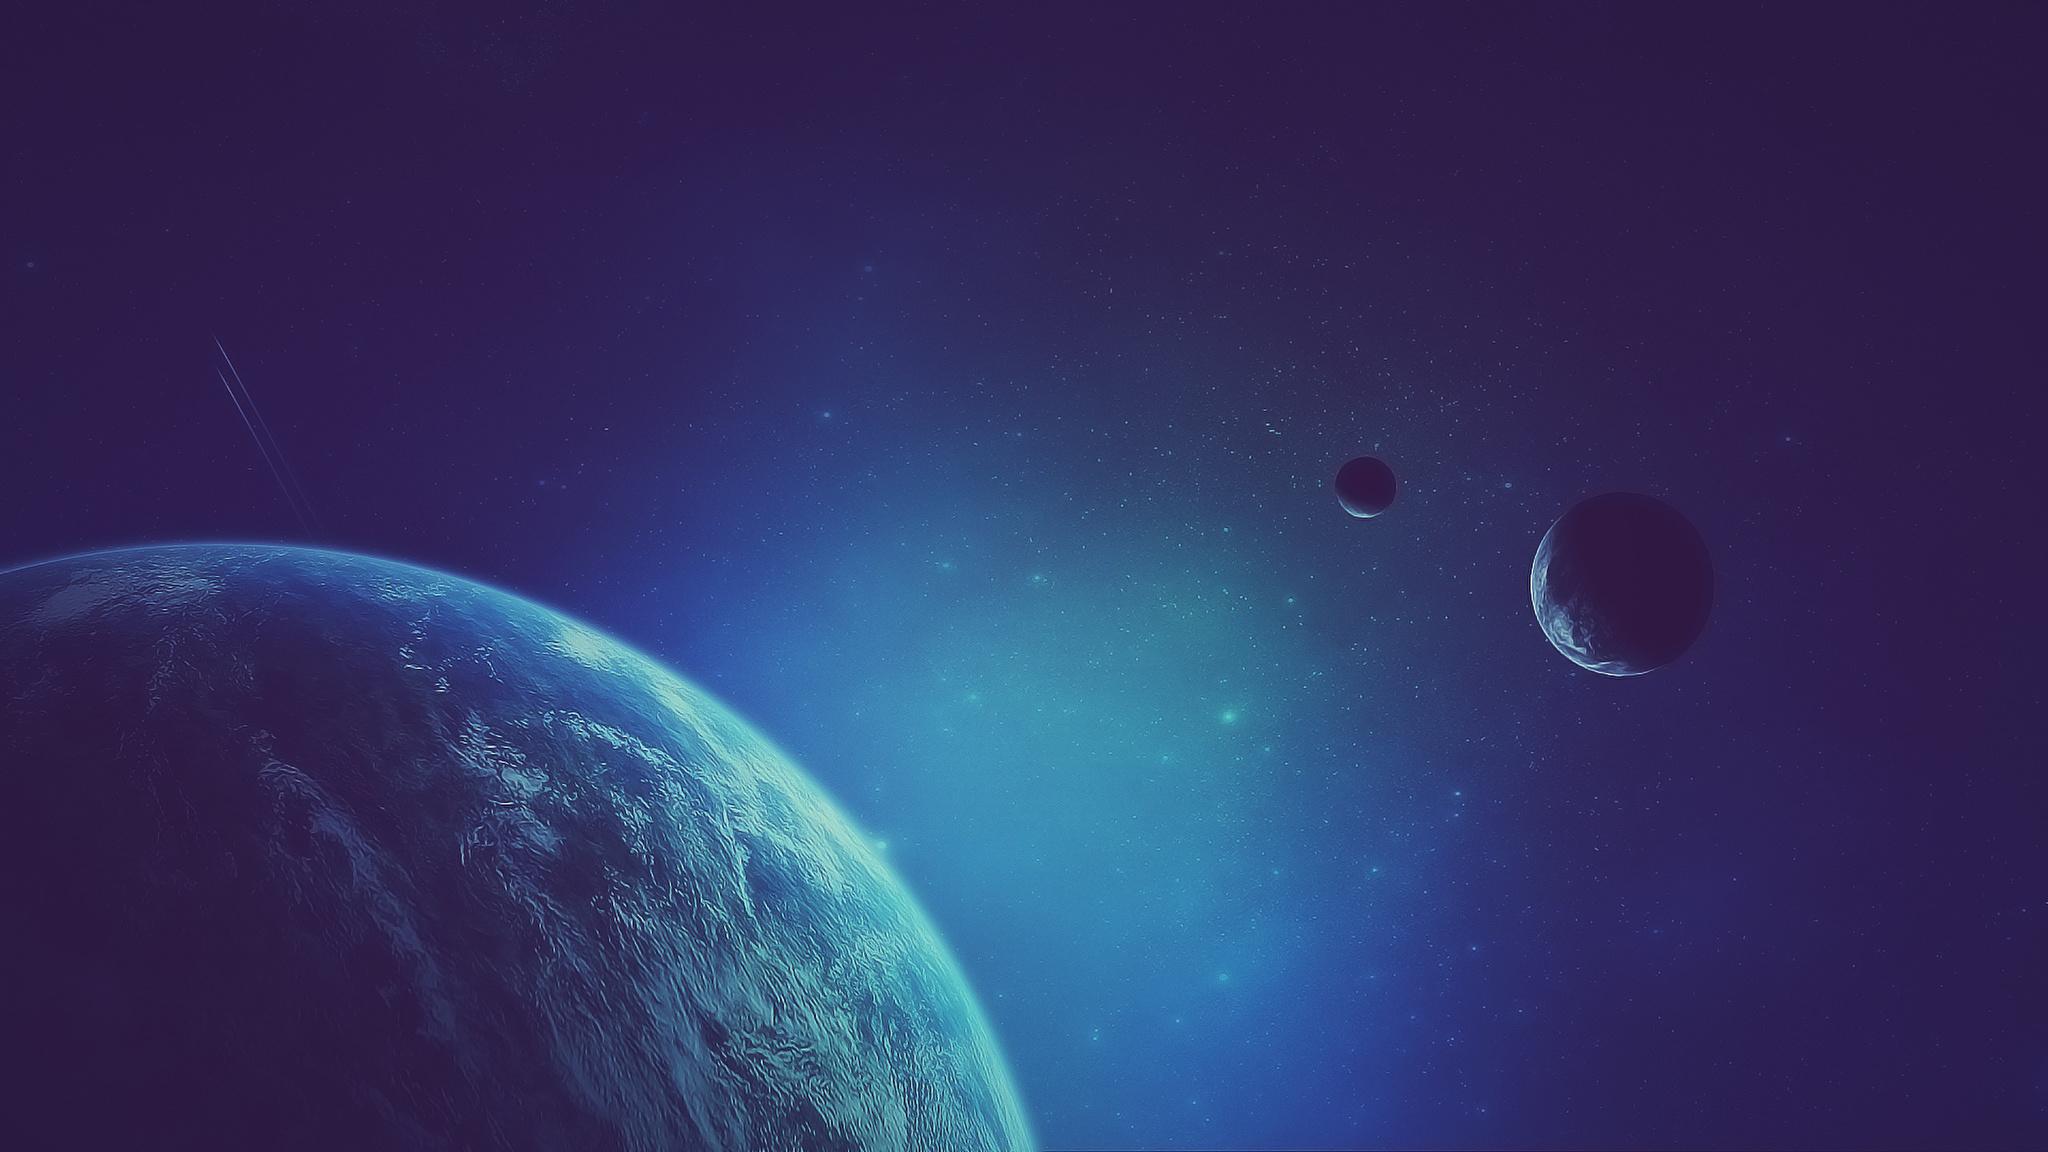 Обои Планета звезда спутник картинки на рабочий стол на тему Космос - скачать загрузить